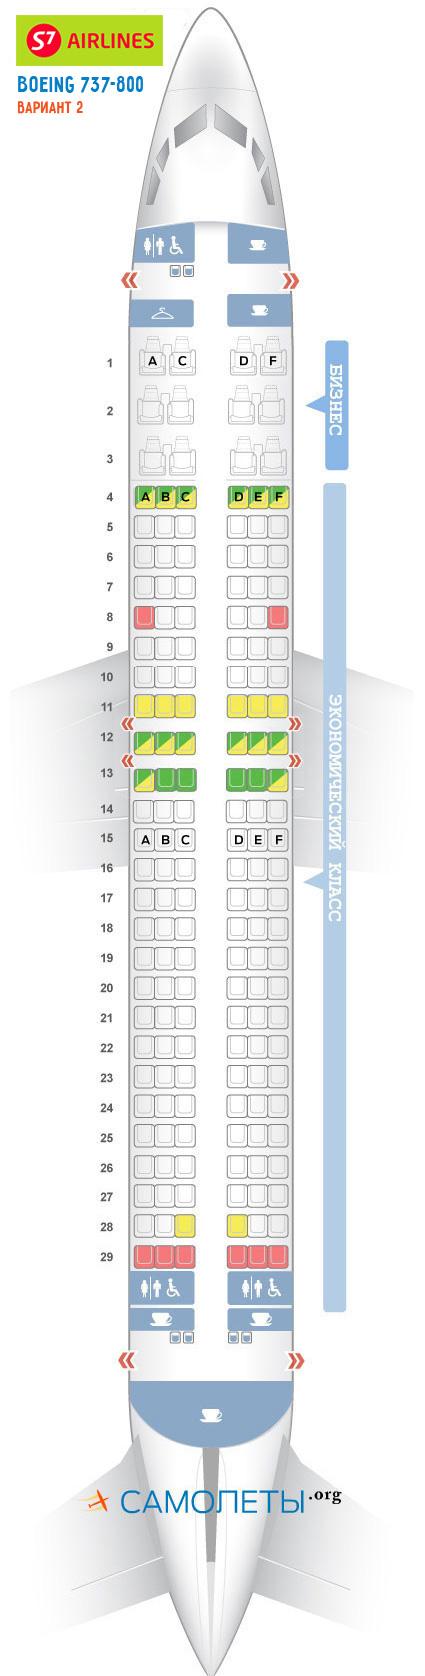 kak vybrat komfortnye mesta v boinge 737 800 ot s7